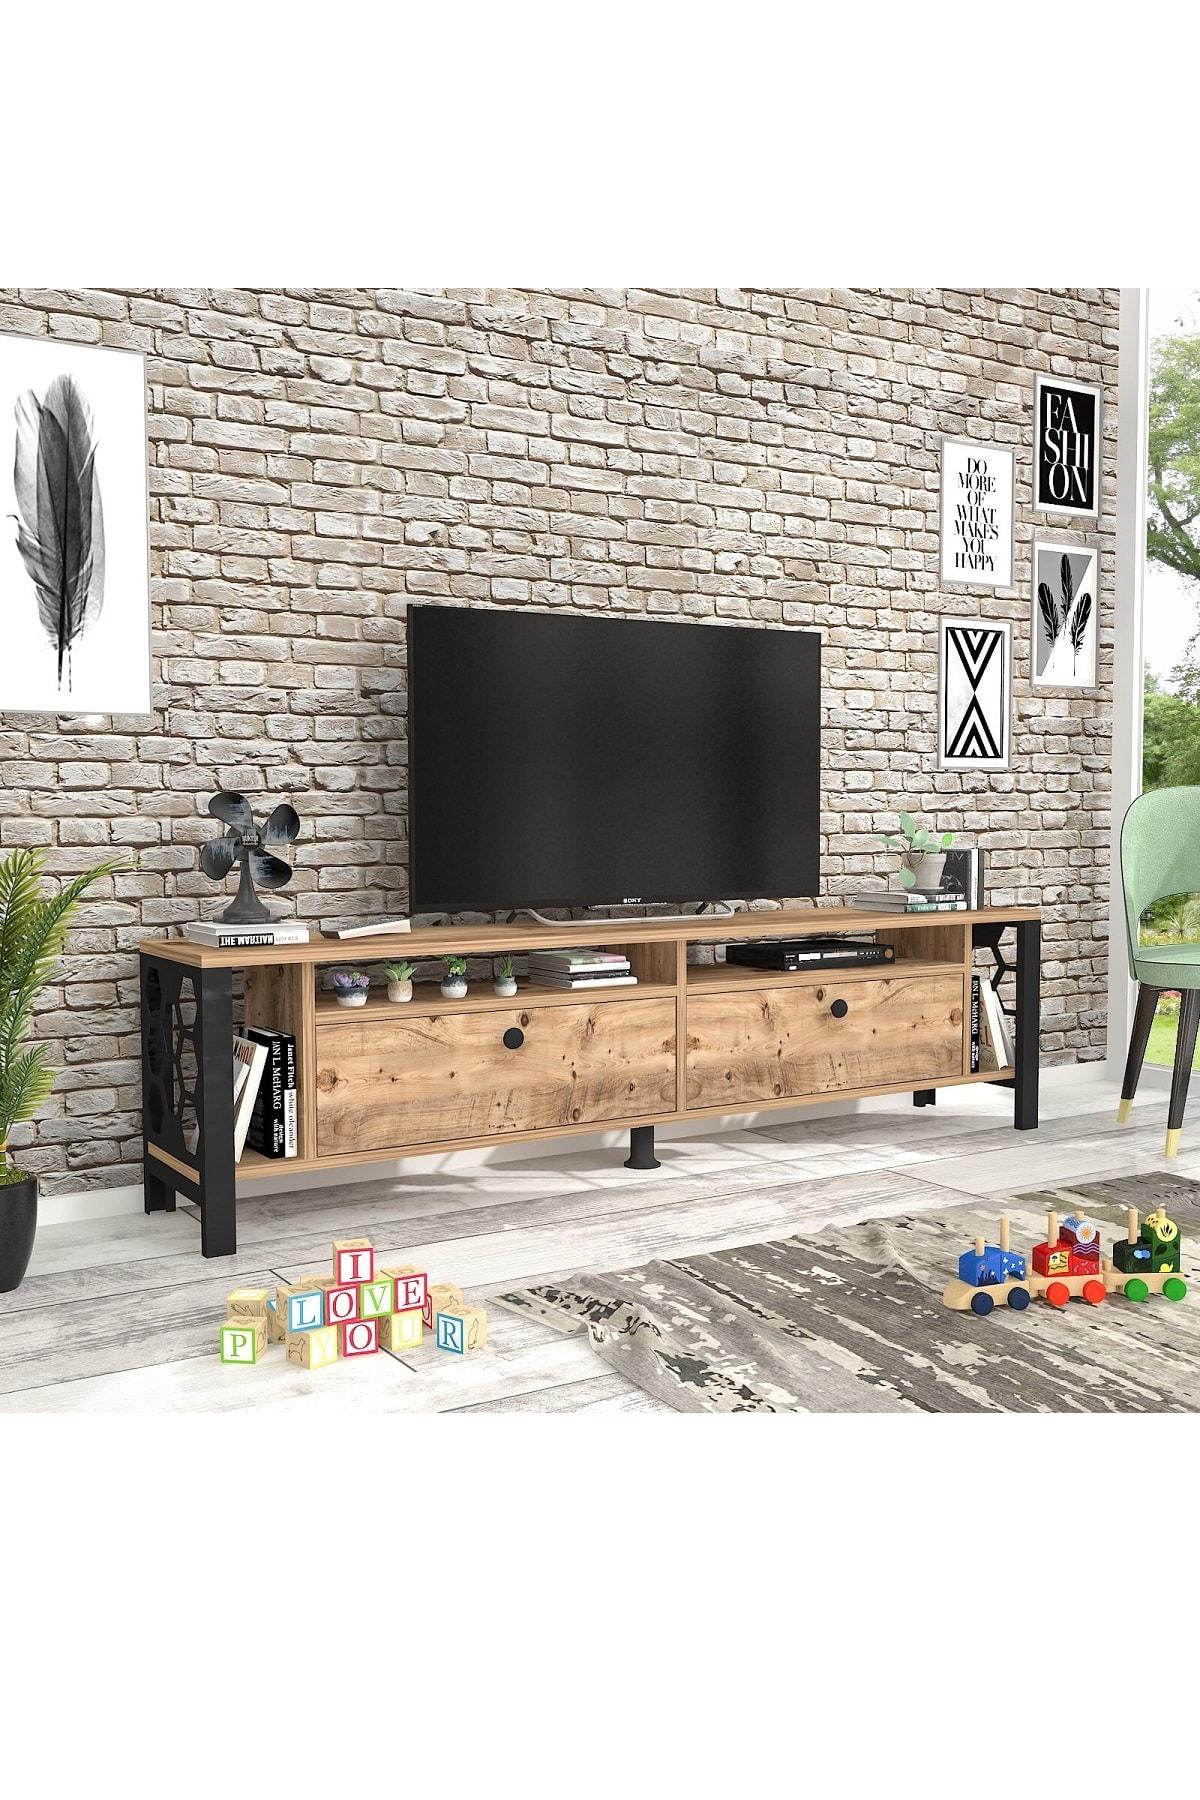 Tv Unitesi Ve Televizyon Sehpasi Modelleri Fiyatlari Trendyol